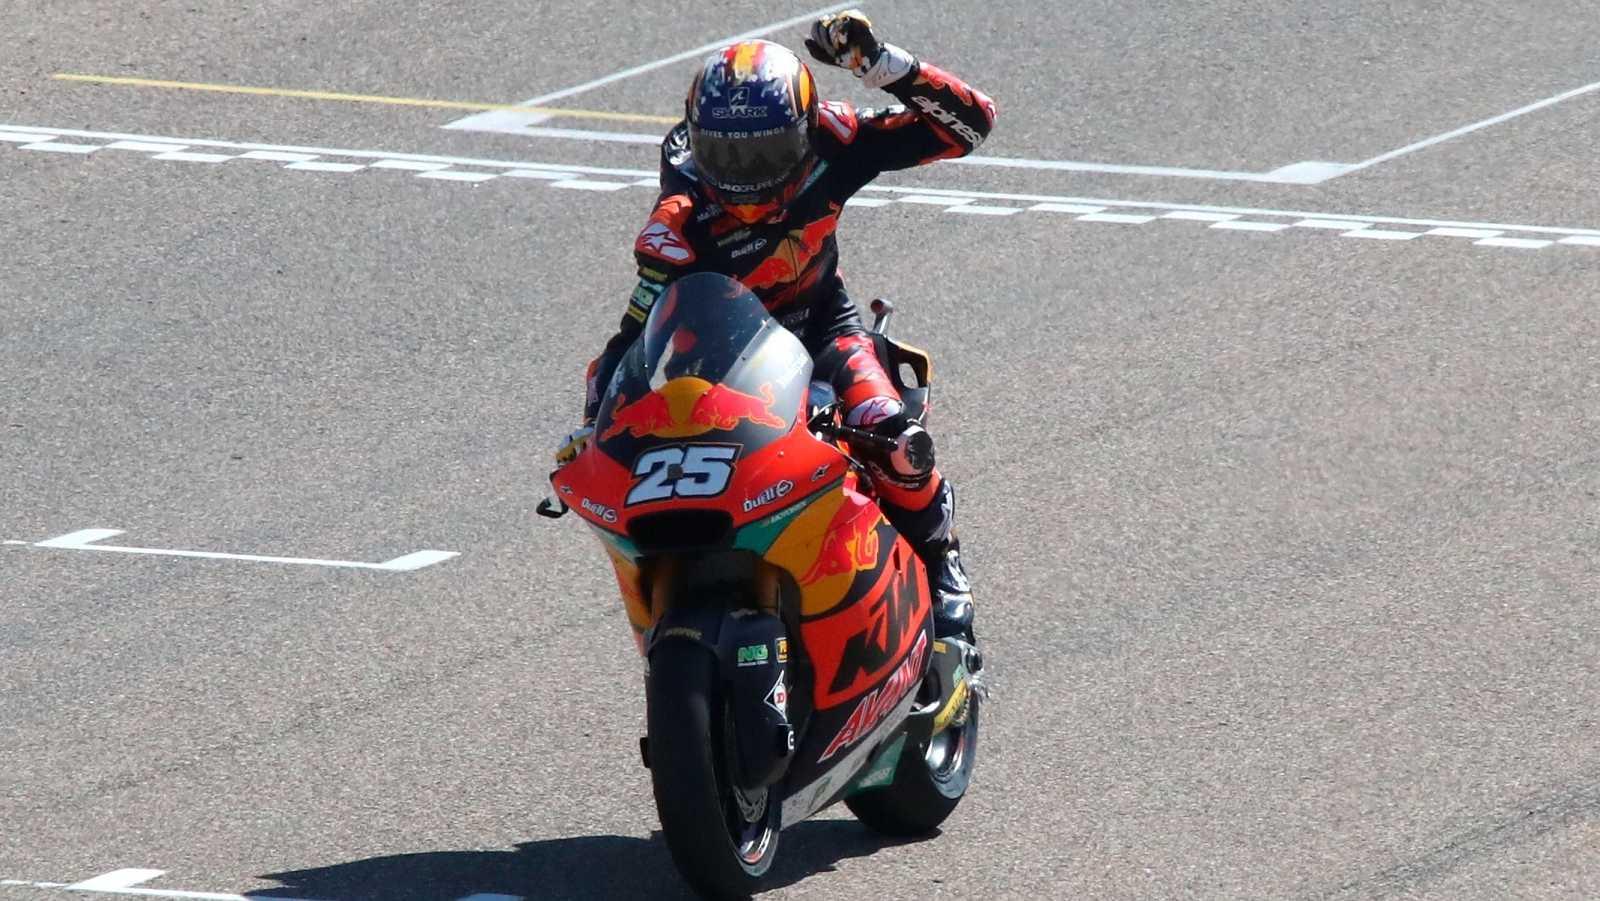 El piloto español Raúl Fernández (Kalex) se adjudica la victoria en la carrera de Moto2 del Gran Premio de Aragón.